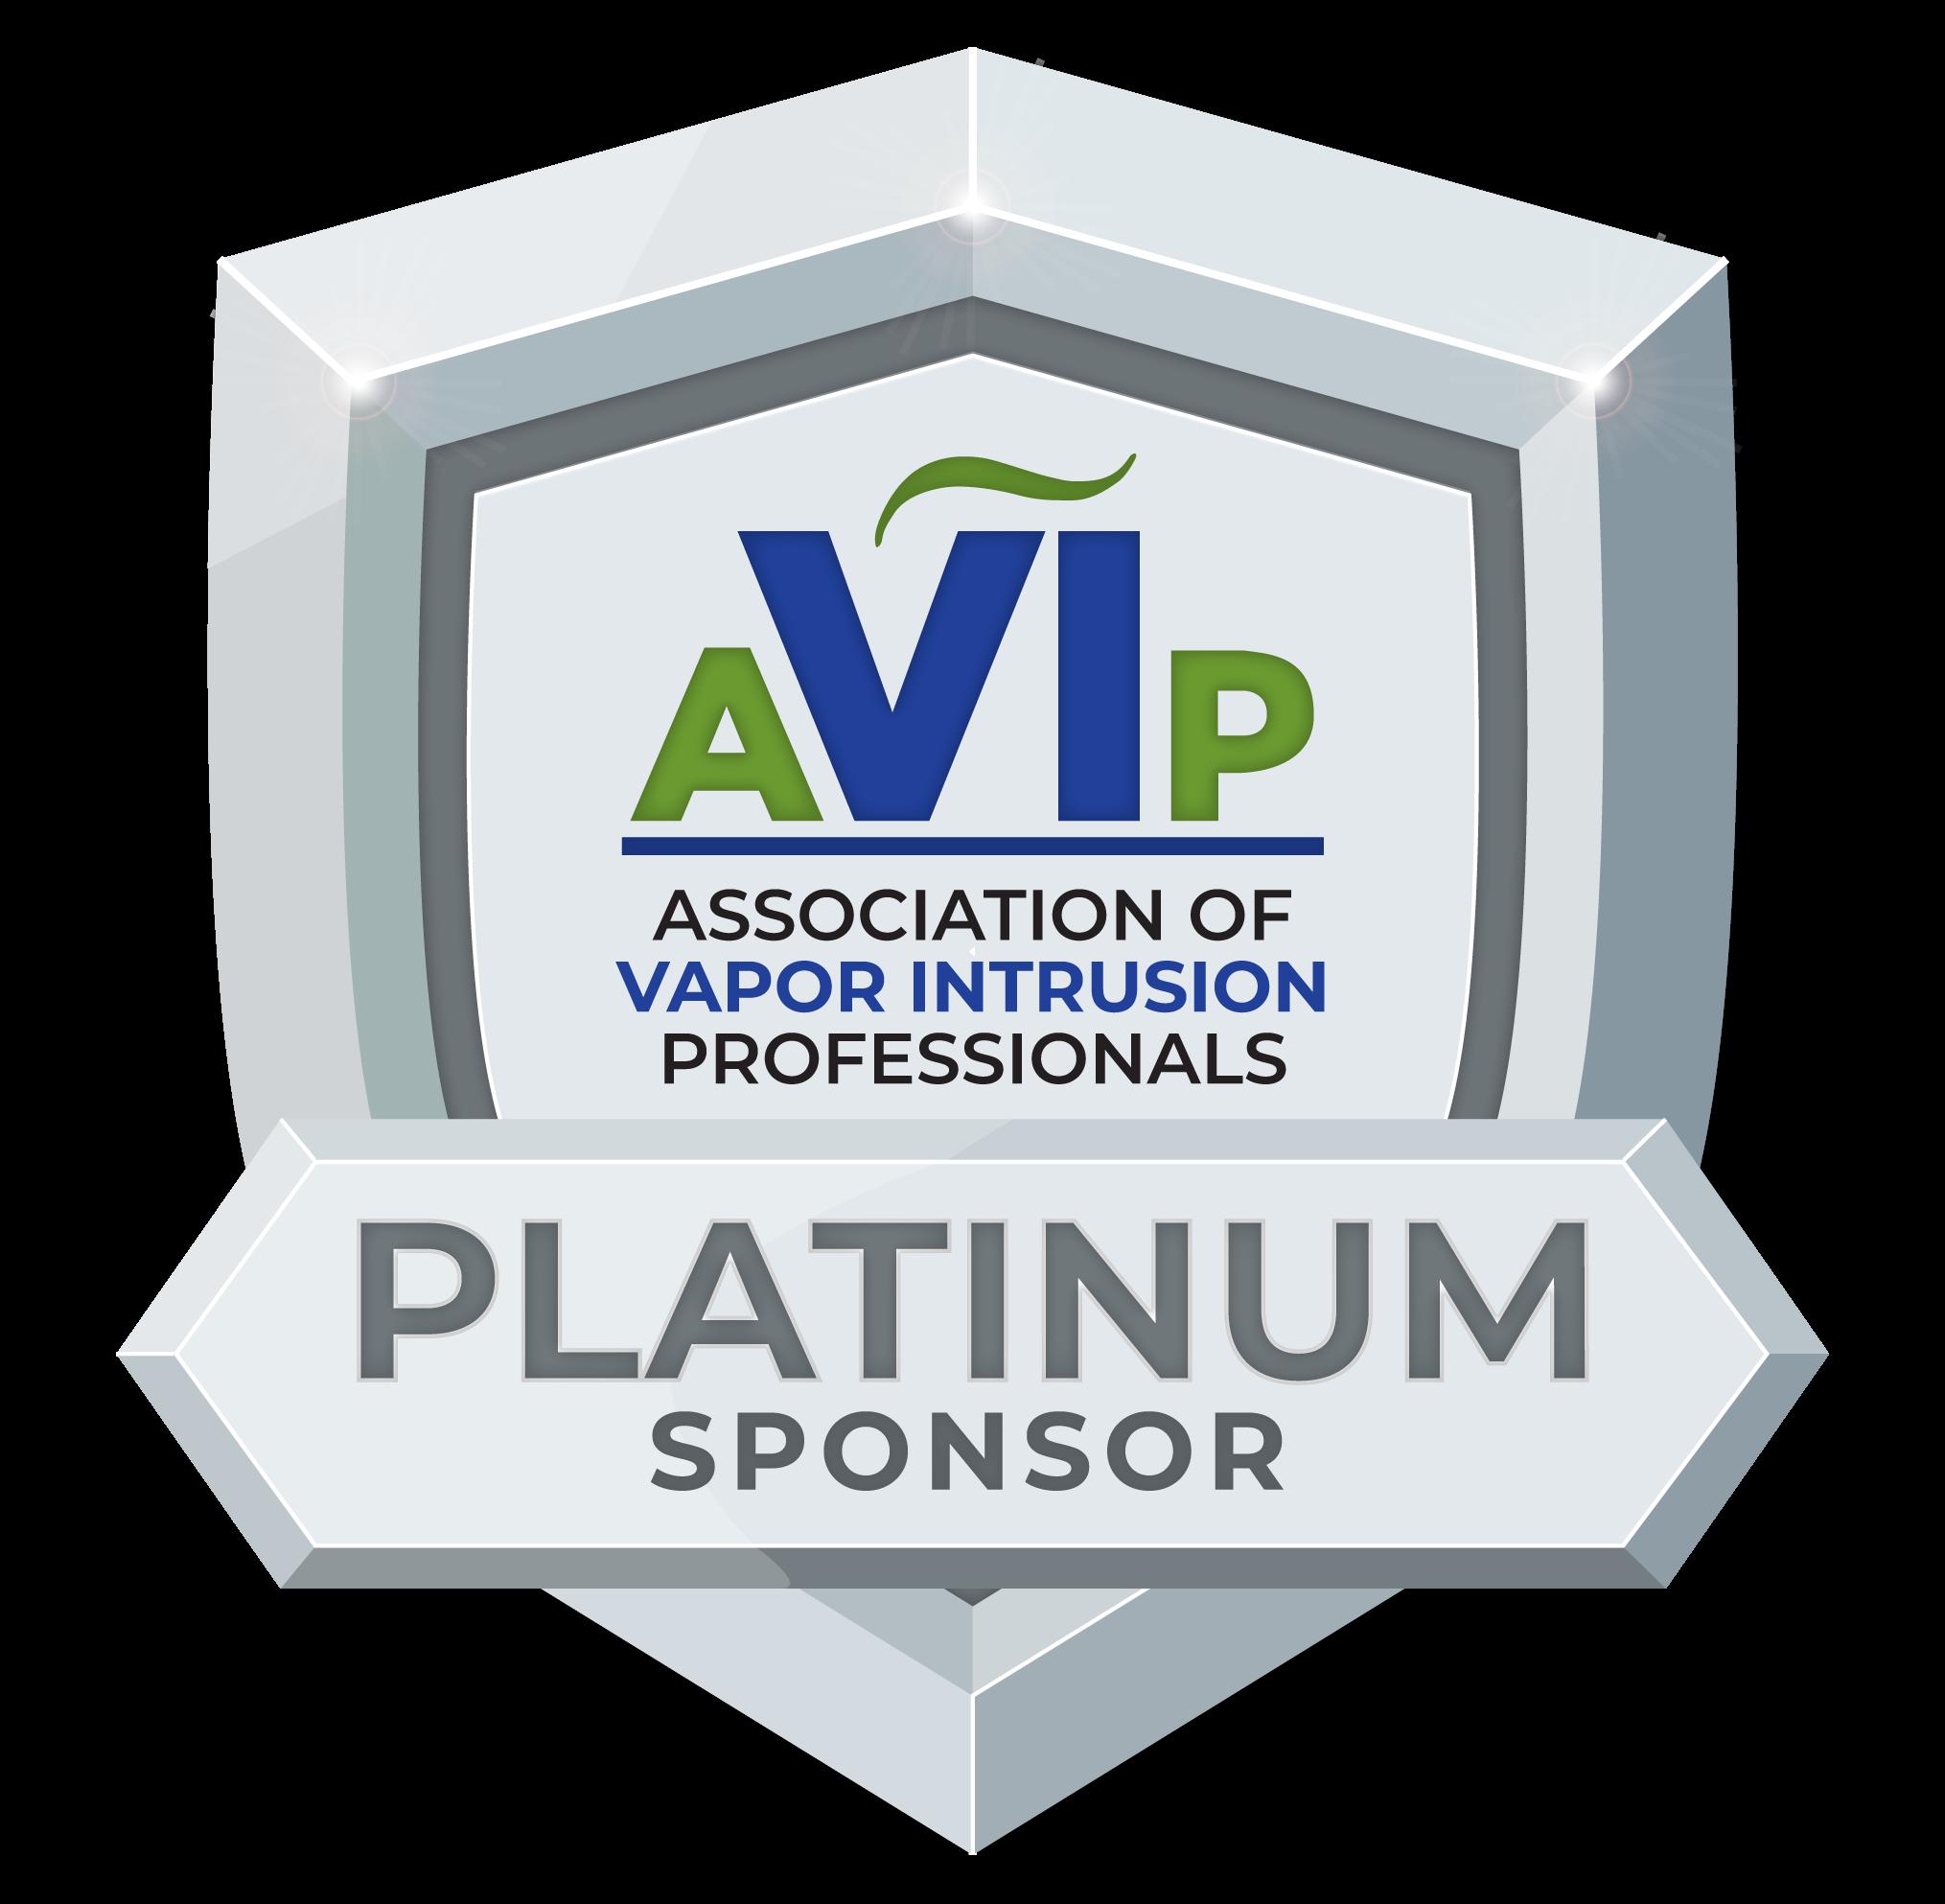 Annual Platinum Sponsors for AVIP